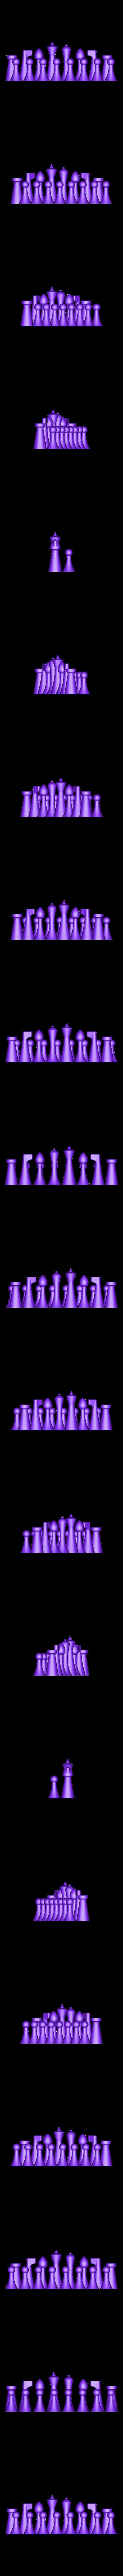 chessV2_top.STL Télécharger fichier STL gratuit Ensemble d'échecs moderne multicolore • Modèle pour imprimante 3D, MosaicManufacturing